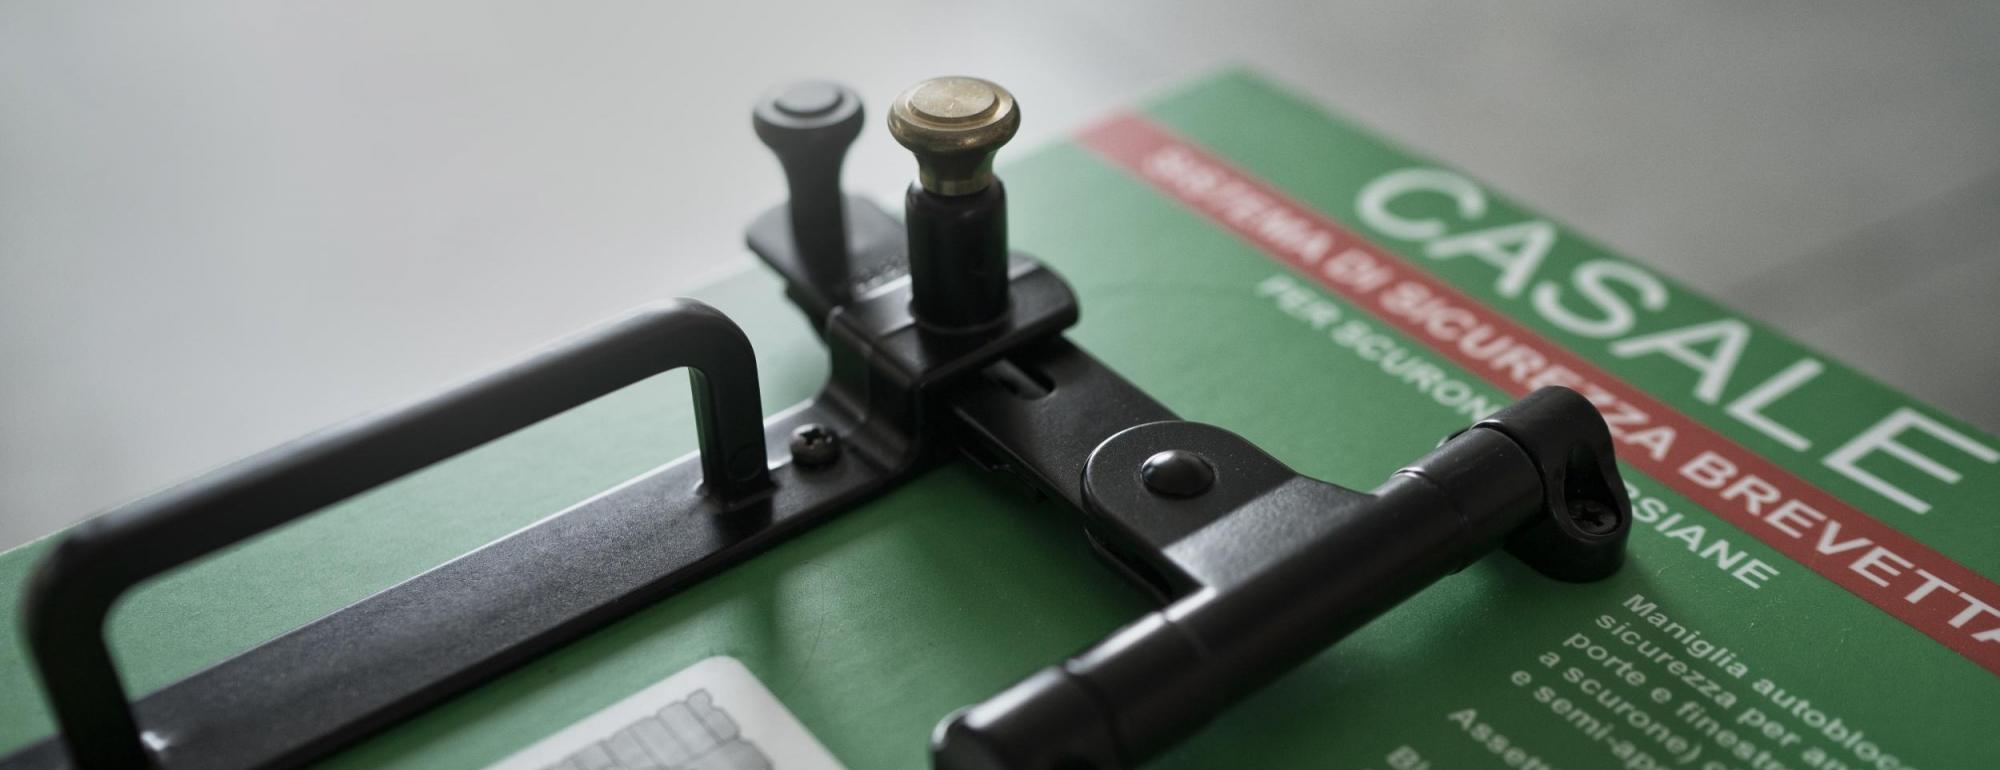 Accessori di ferramenta per persiane